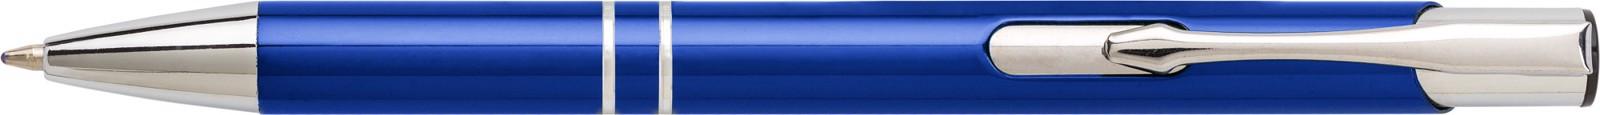 Aluminium ballpen - Blue